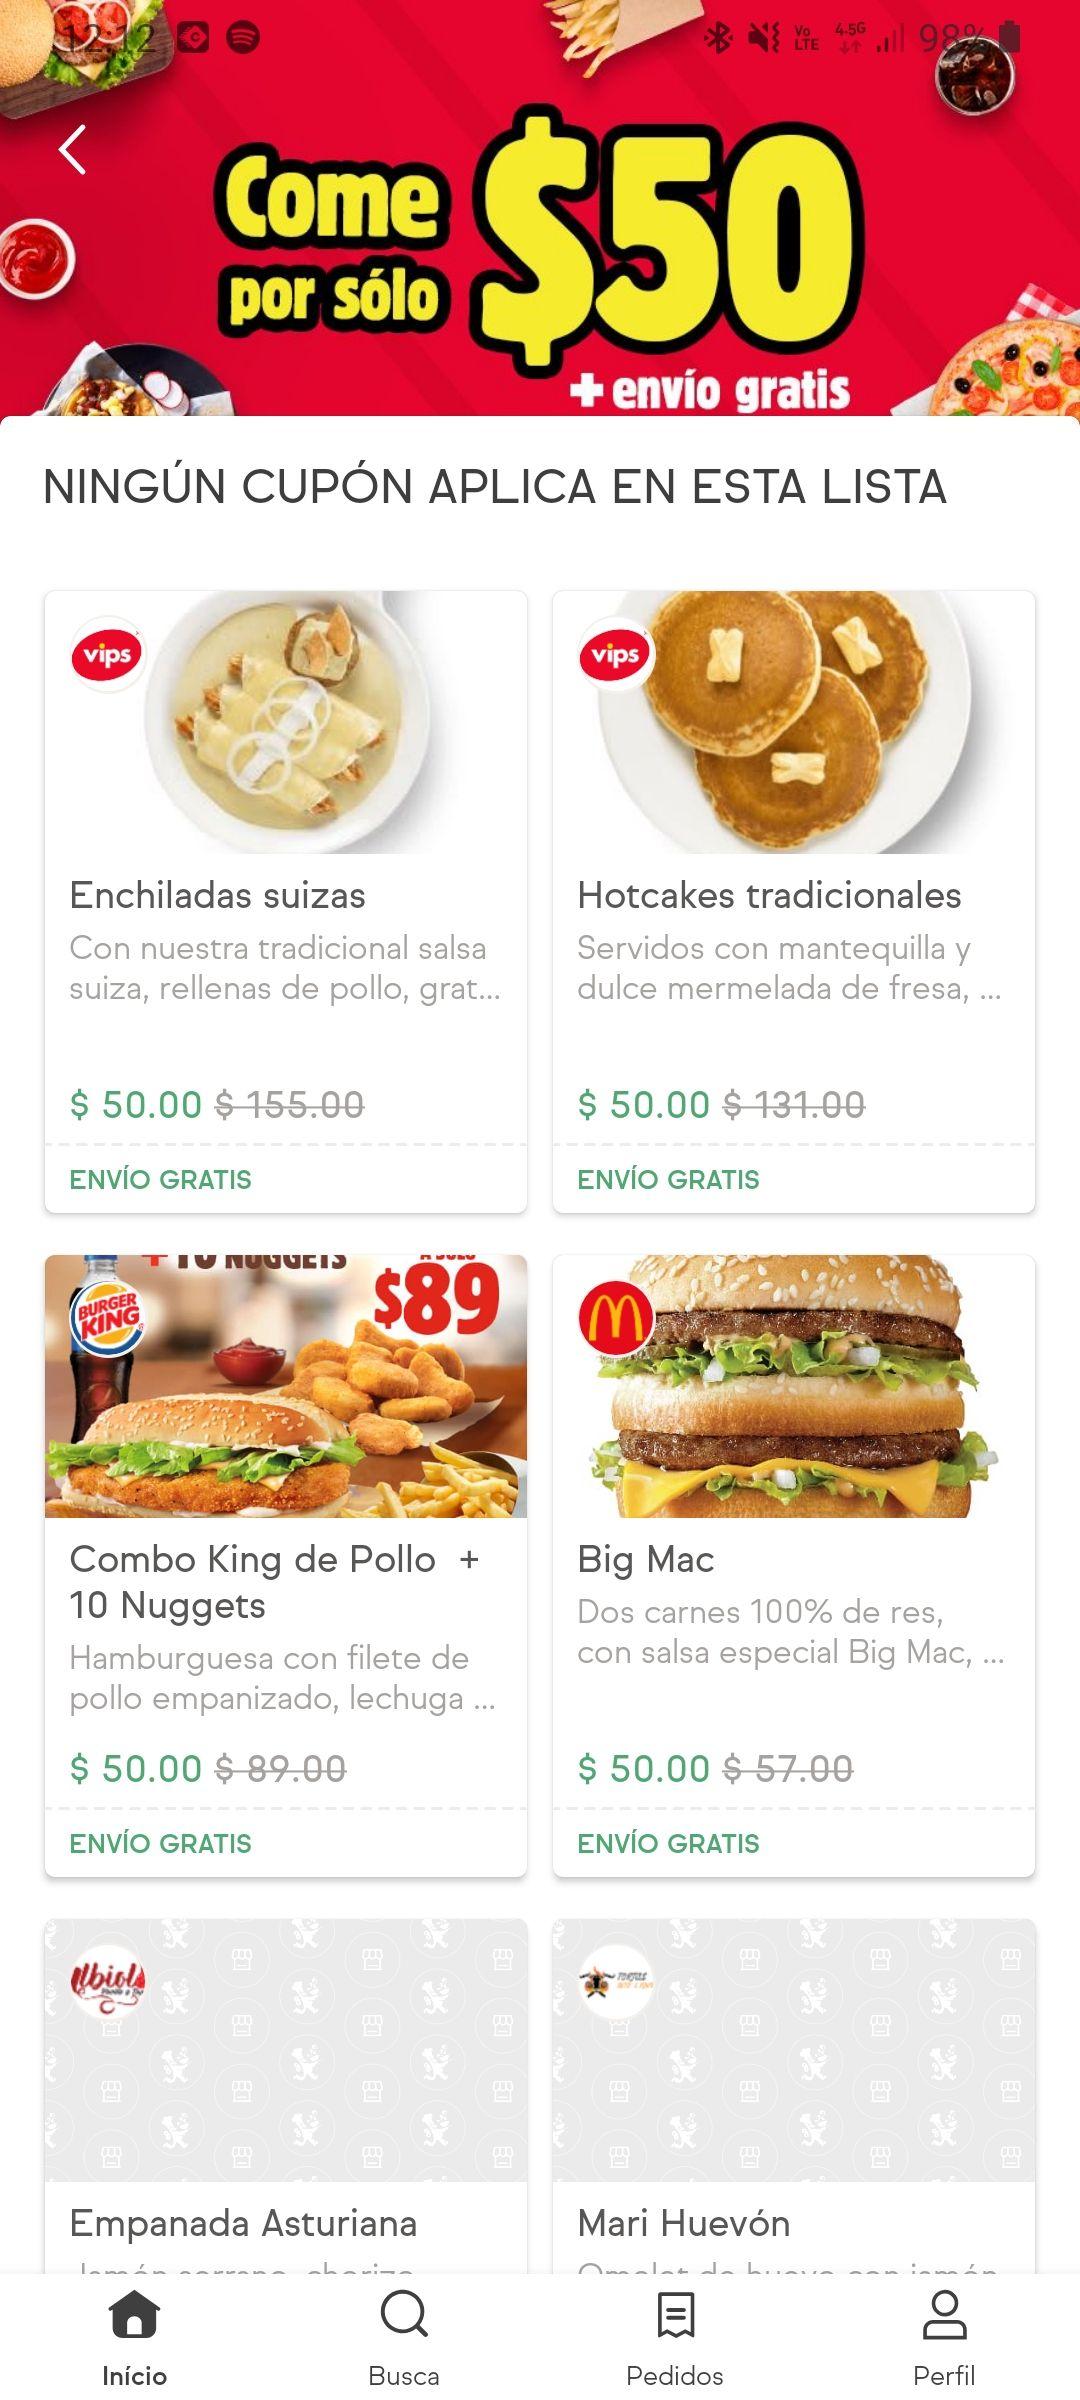 Sin delantal come por solo $50 pesitos envió gratis